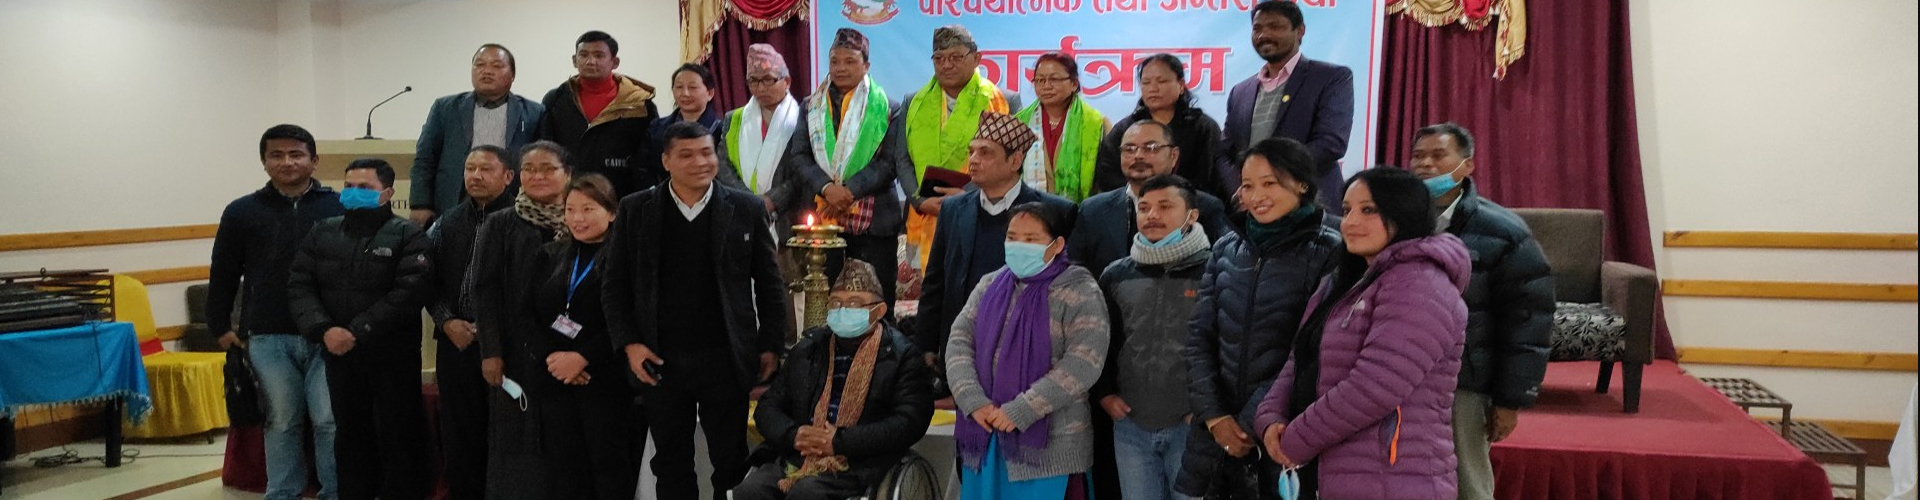 आयोगको पहिलो सार्वजनिक कार्यक्रम (सरोकारवाला संस्था तथा व्यक्तिहरुको परिचयात्मक तथा अन्तक्रिया कार्यक्रम) – २५ माघ २०७७, ललितपुर